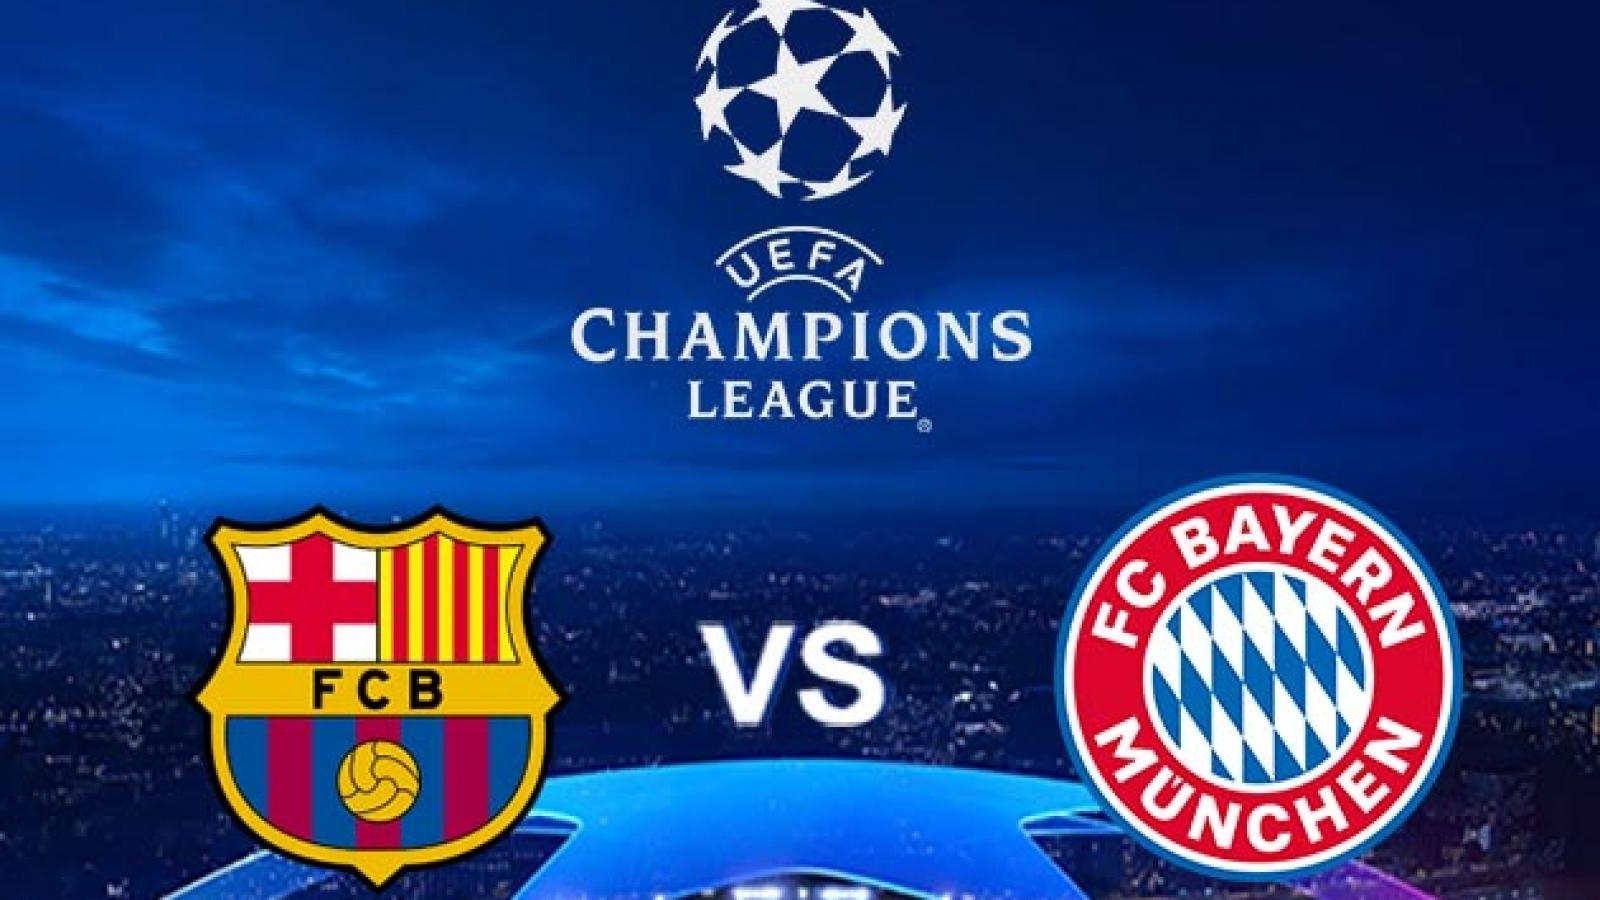 """Lịch thi đấu lượt trận mở màn Champions League: Barca """"đại chiến"""" Bayern Munich"""